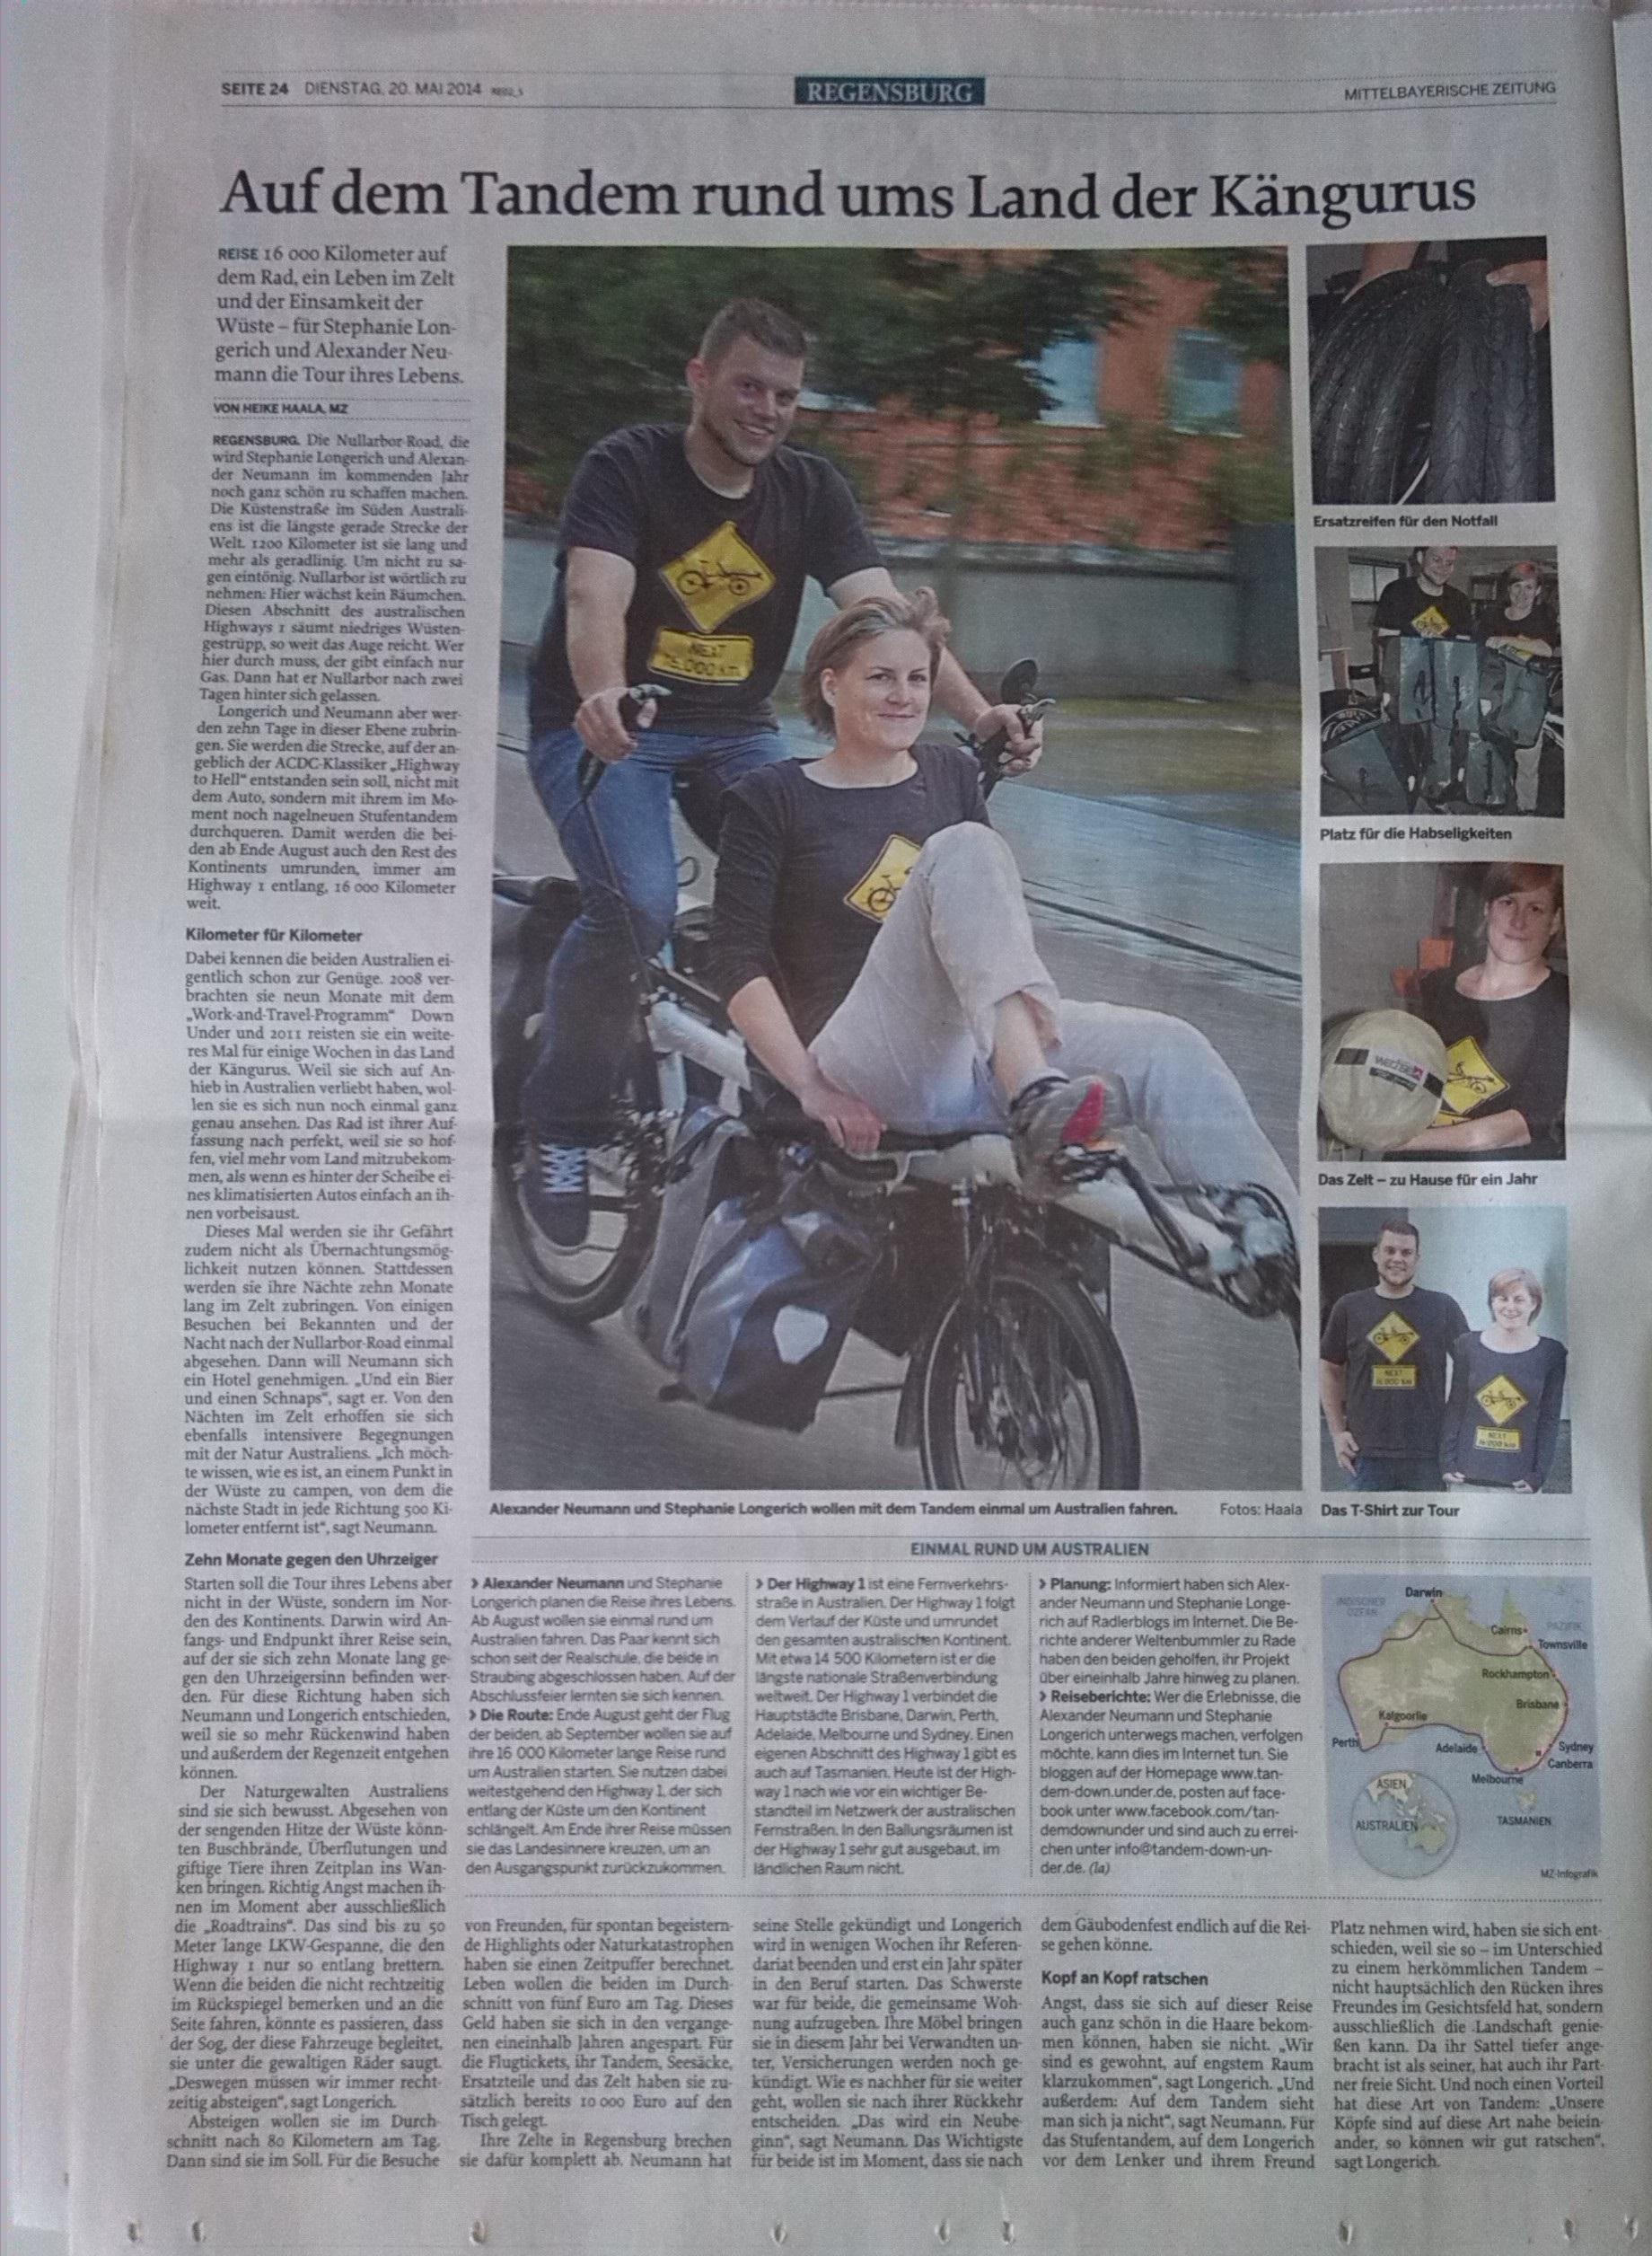 Mittelbayerische Zeitung 20-05-2014